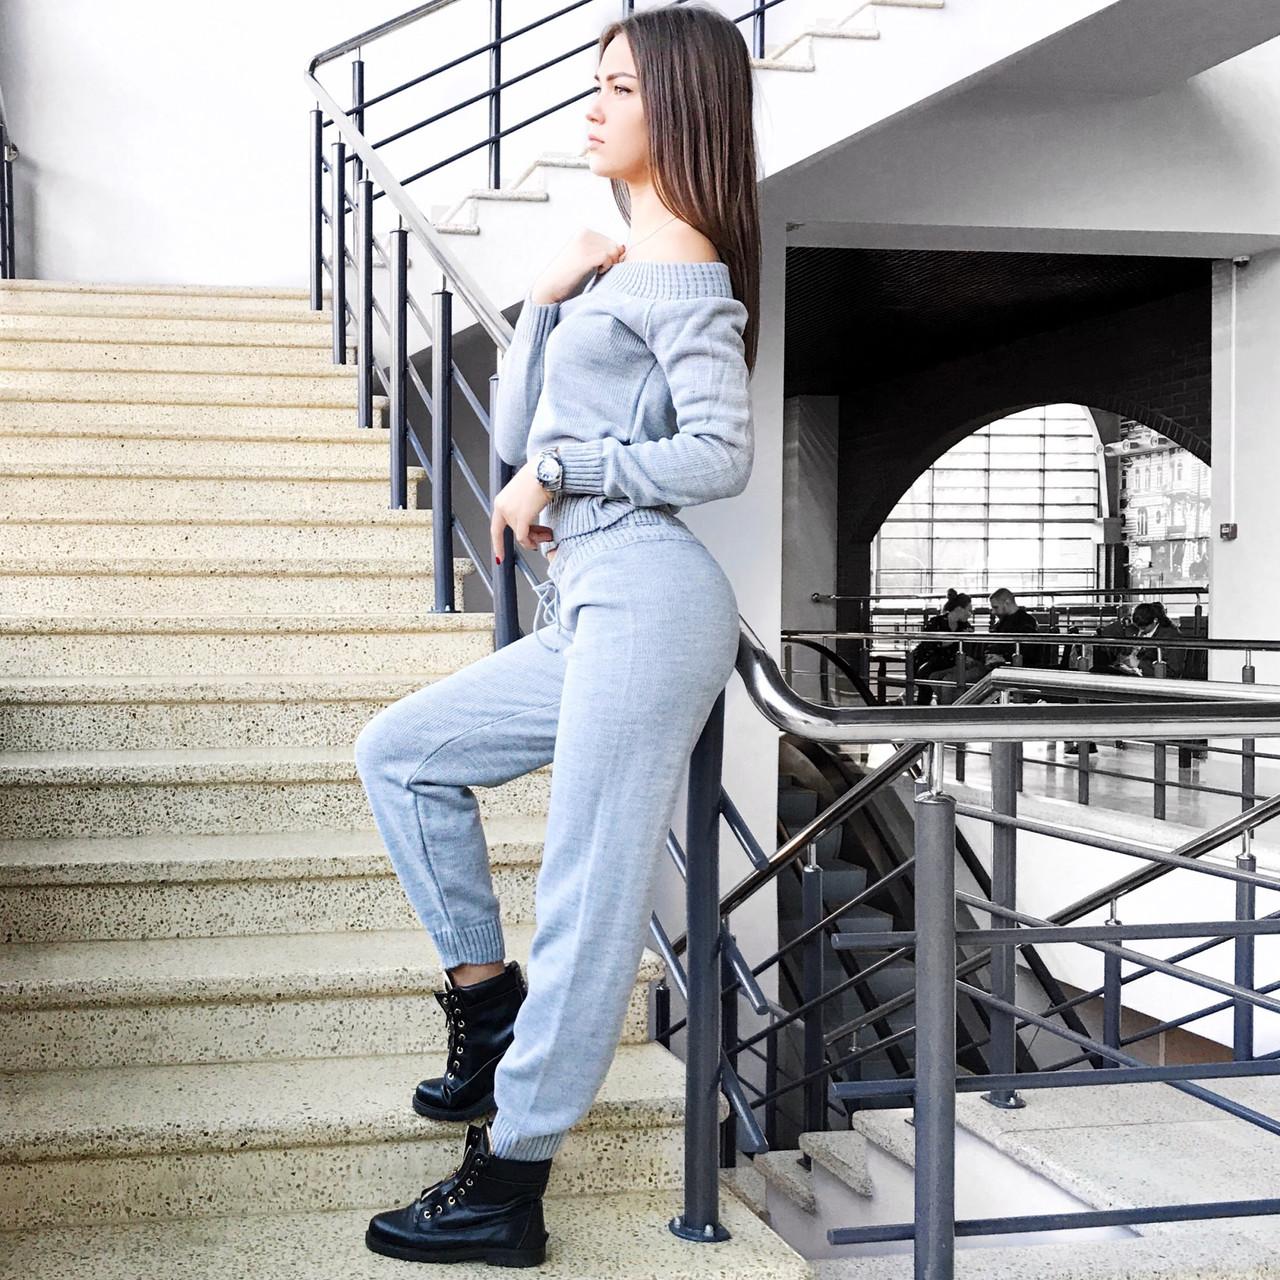 5e247a8b9b9 Серый вязаный женский костюм S T с открытыми плечами - Женские вязаные  костюмы и свитера по доступным